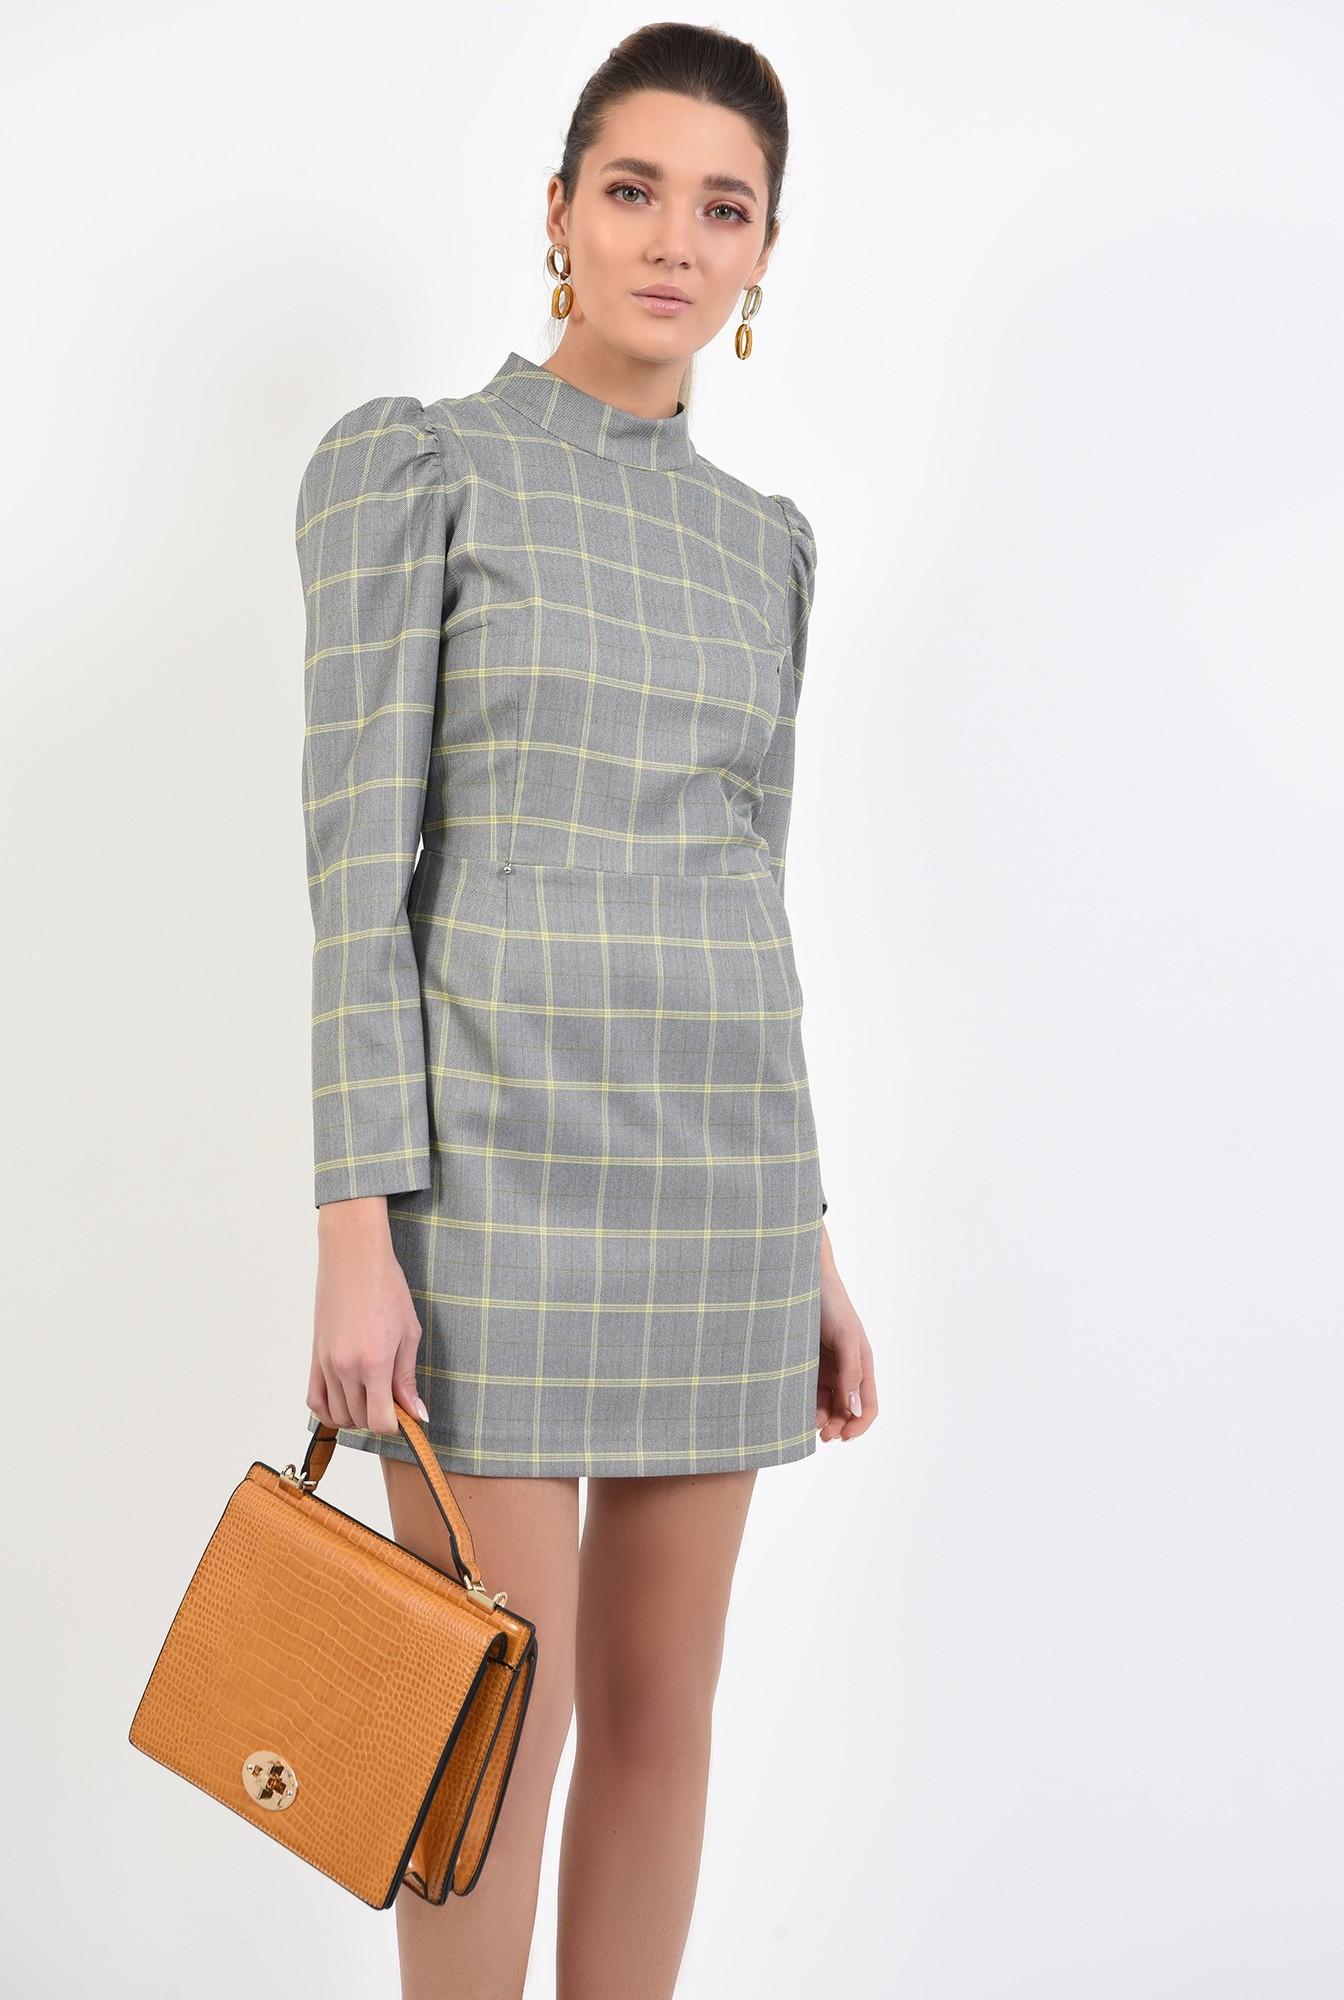 0 - 360 - rochie casual, scurta, in carouri, maneci lungi, guler aplicat